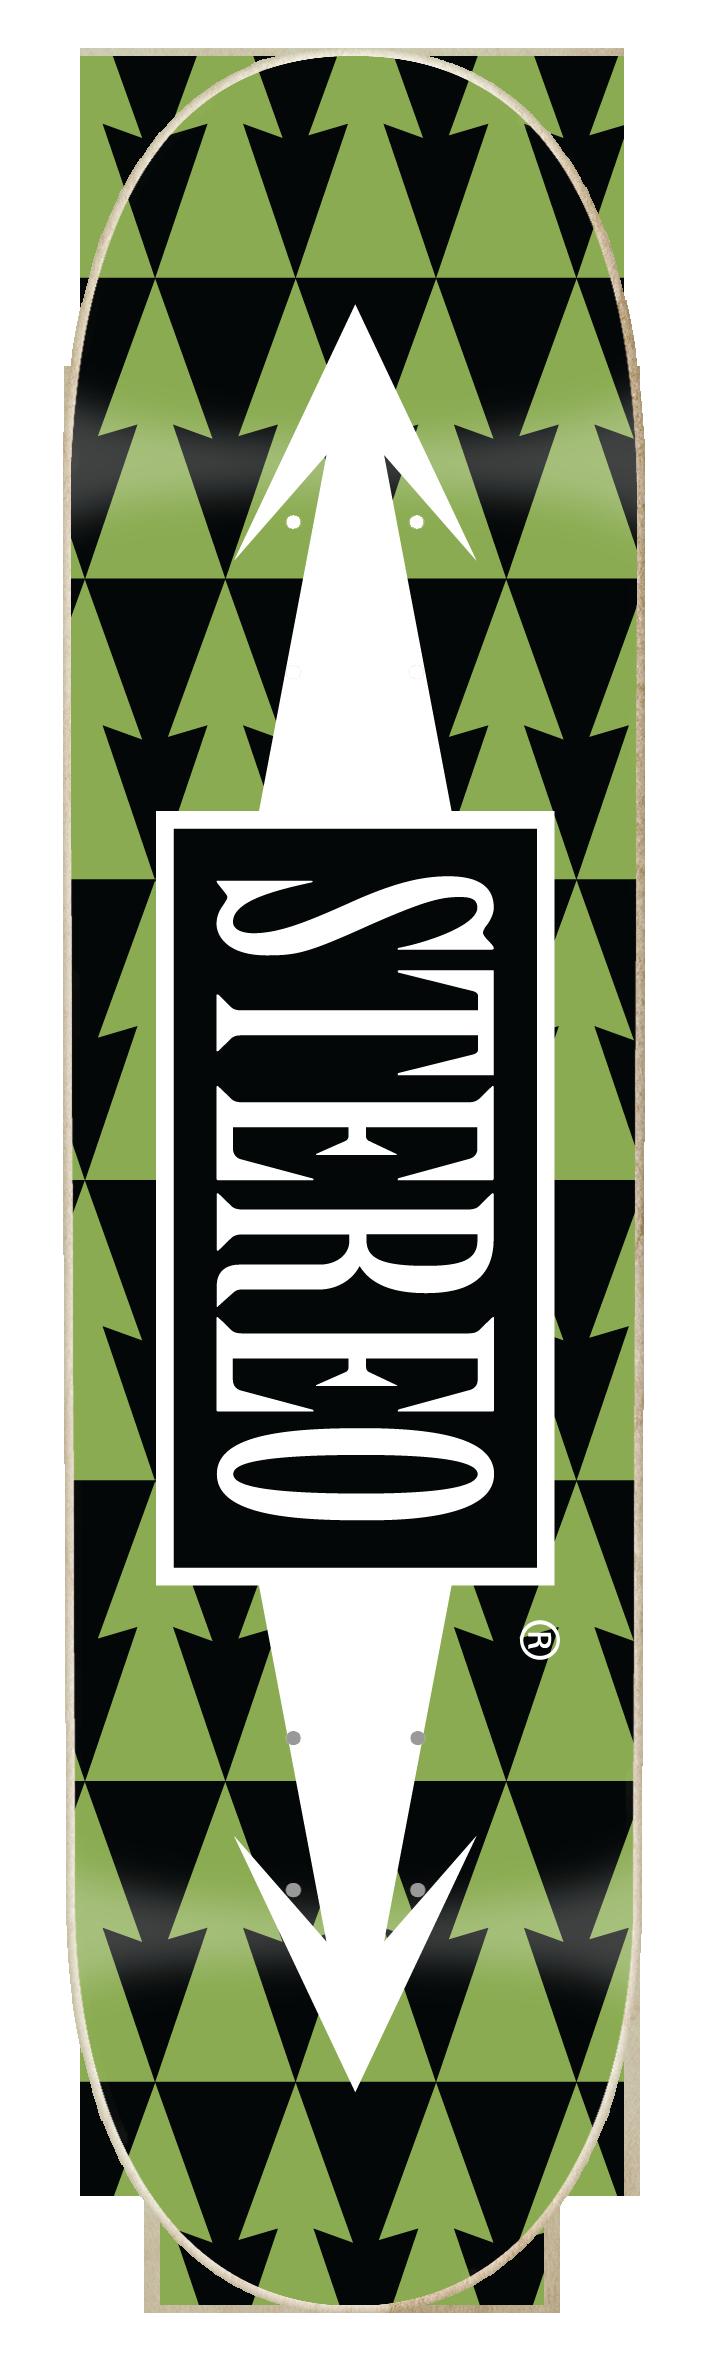 ArrowsPattern-Green-85.png